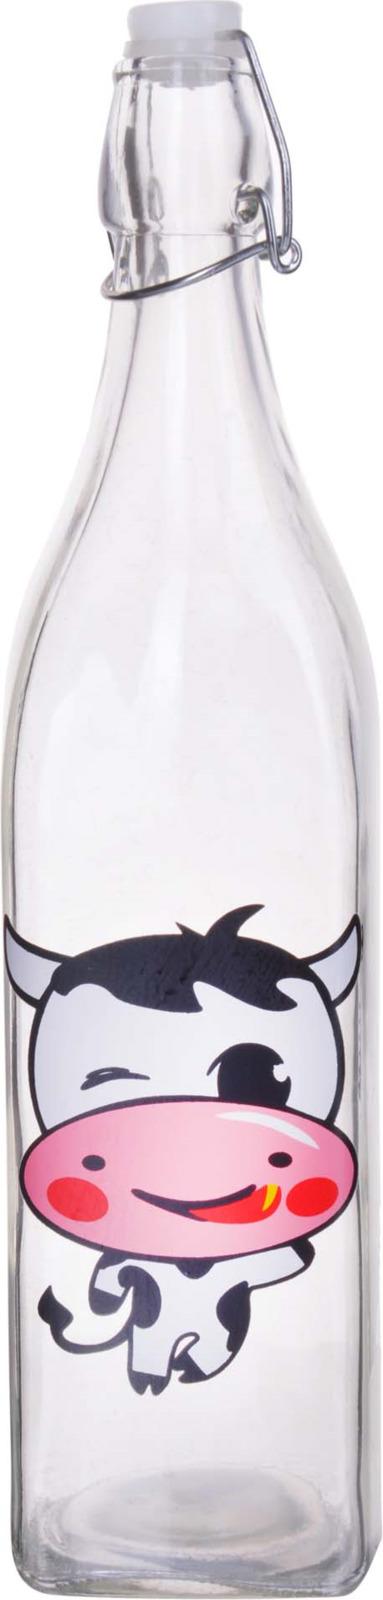 Бутылка Loraine, цвет: прозрачный, белый, розовый, 1 л стоимость